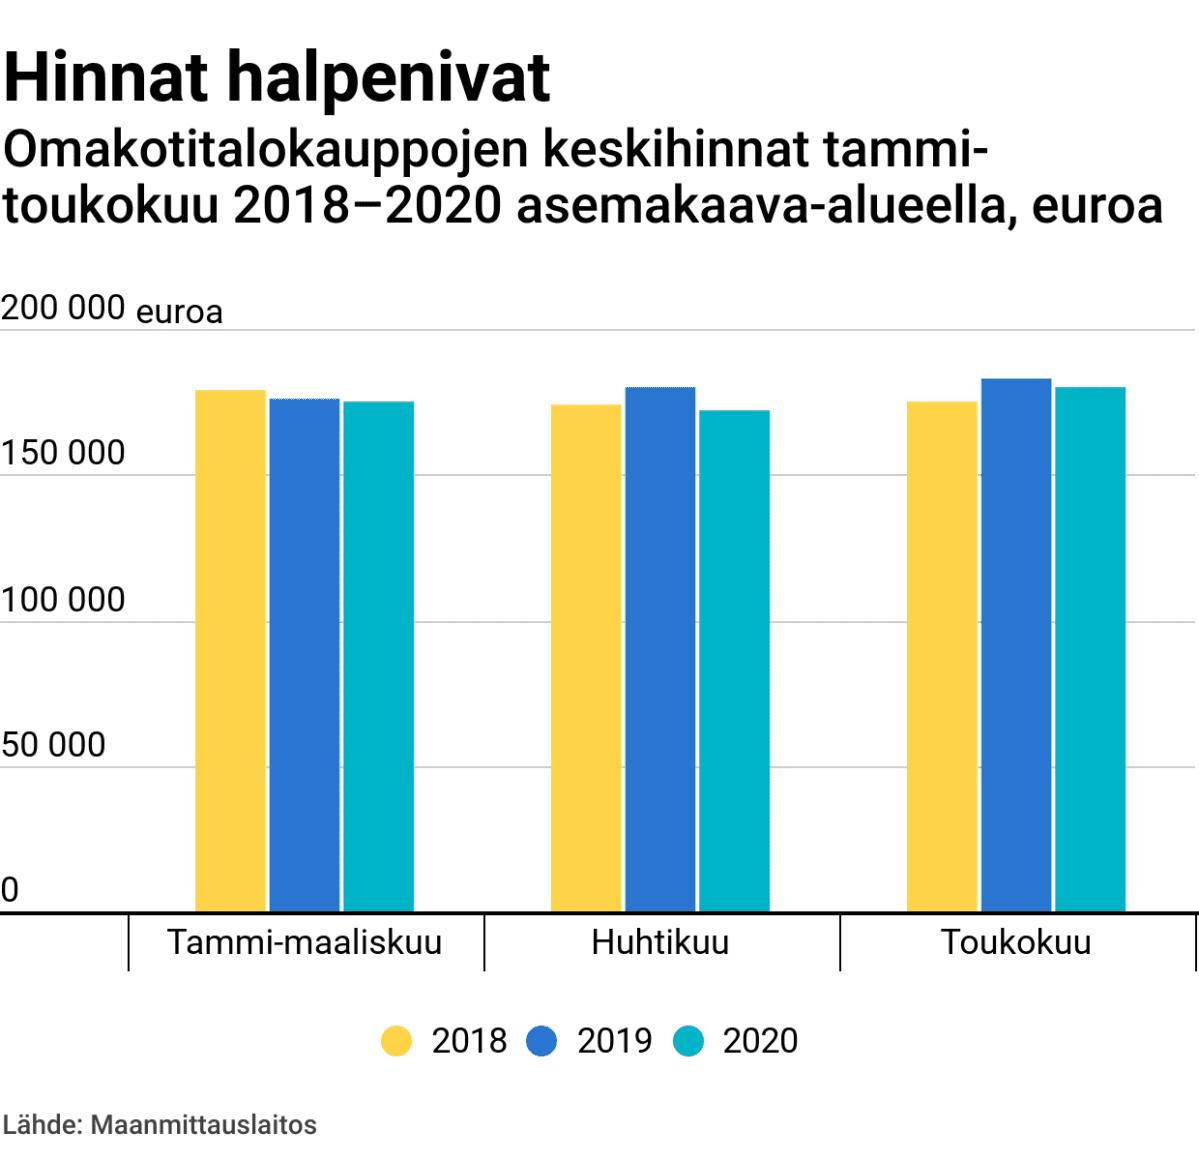 Hinnat halpenivat – omakotitaloukauppojen keskihinnat tammi-toukokuu 2018–2020 asemakaava-alueella, euroa